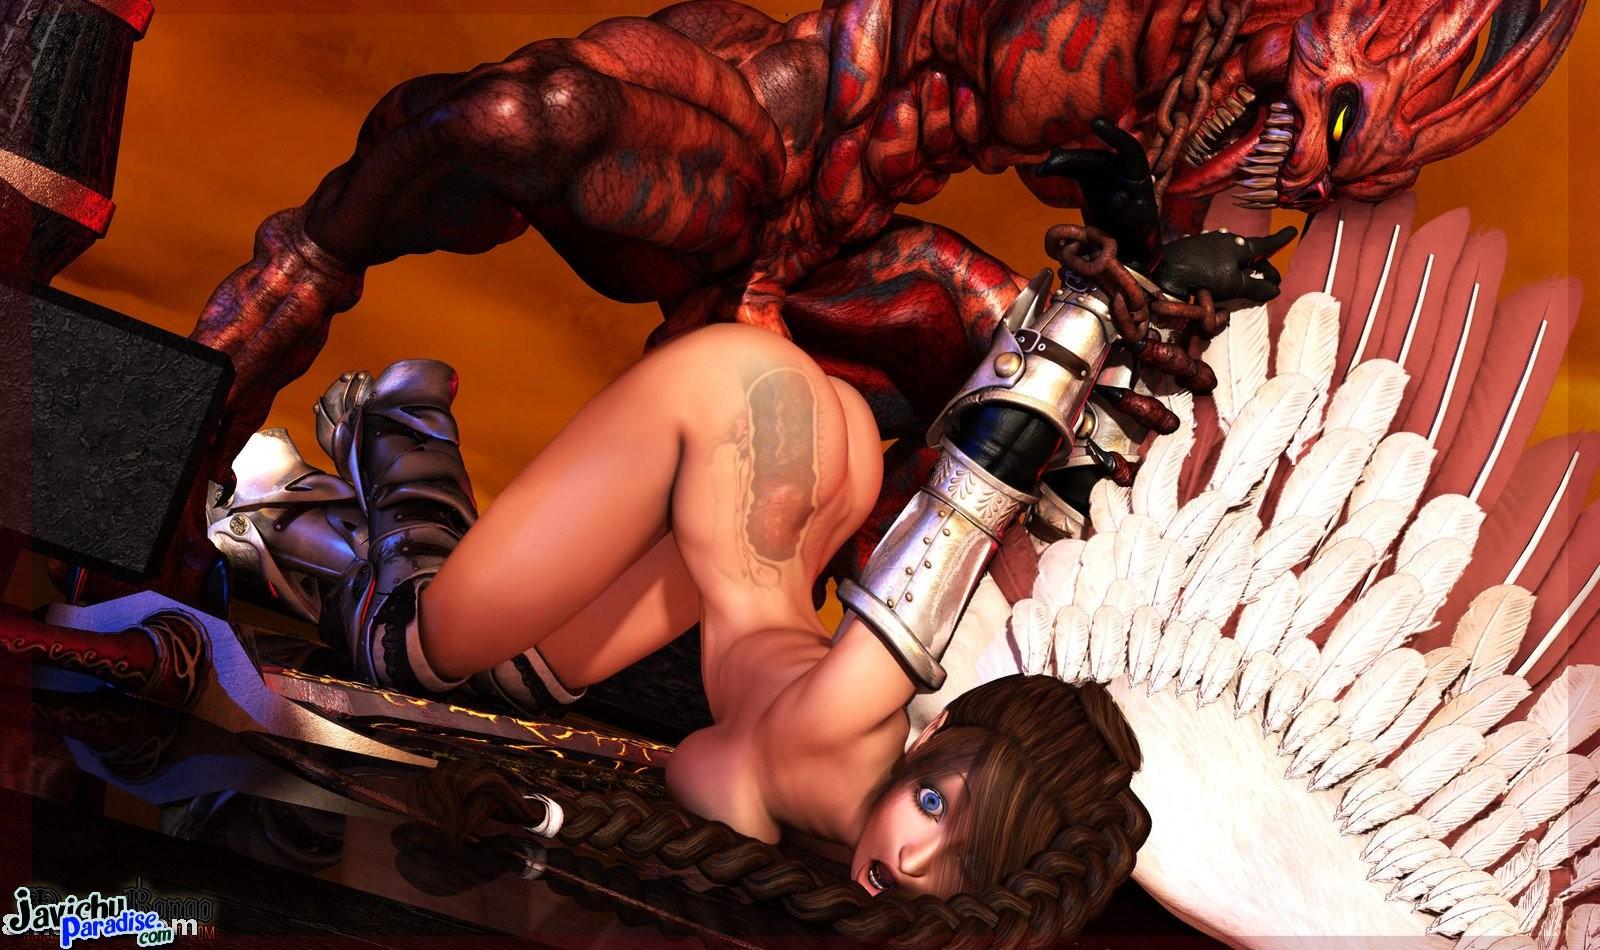 Демоны секс картинки 18 фотография